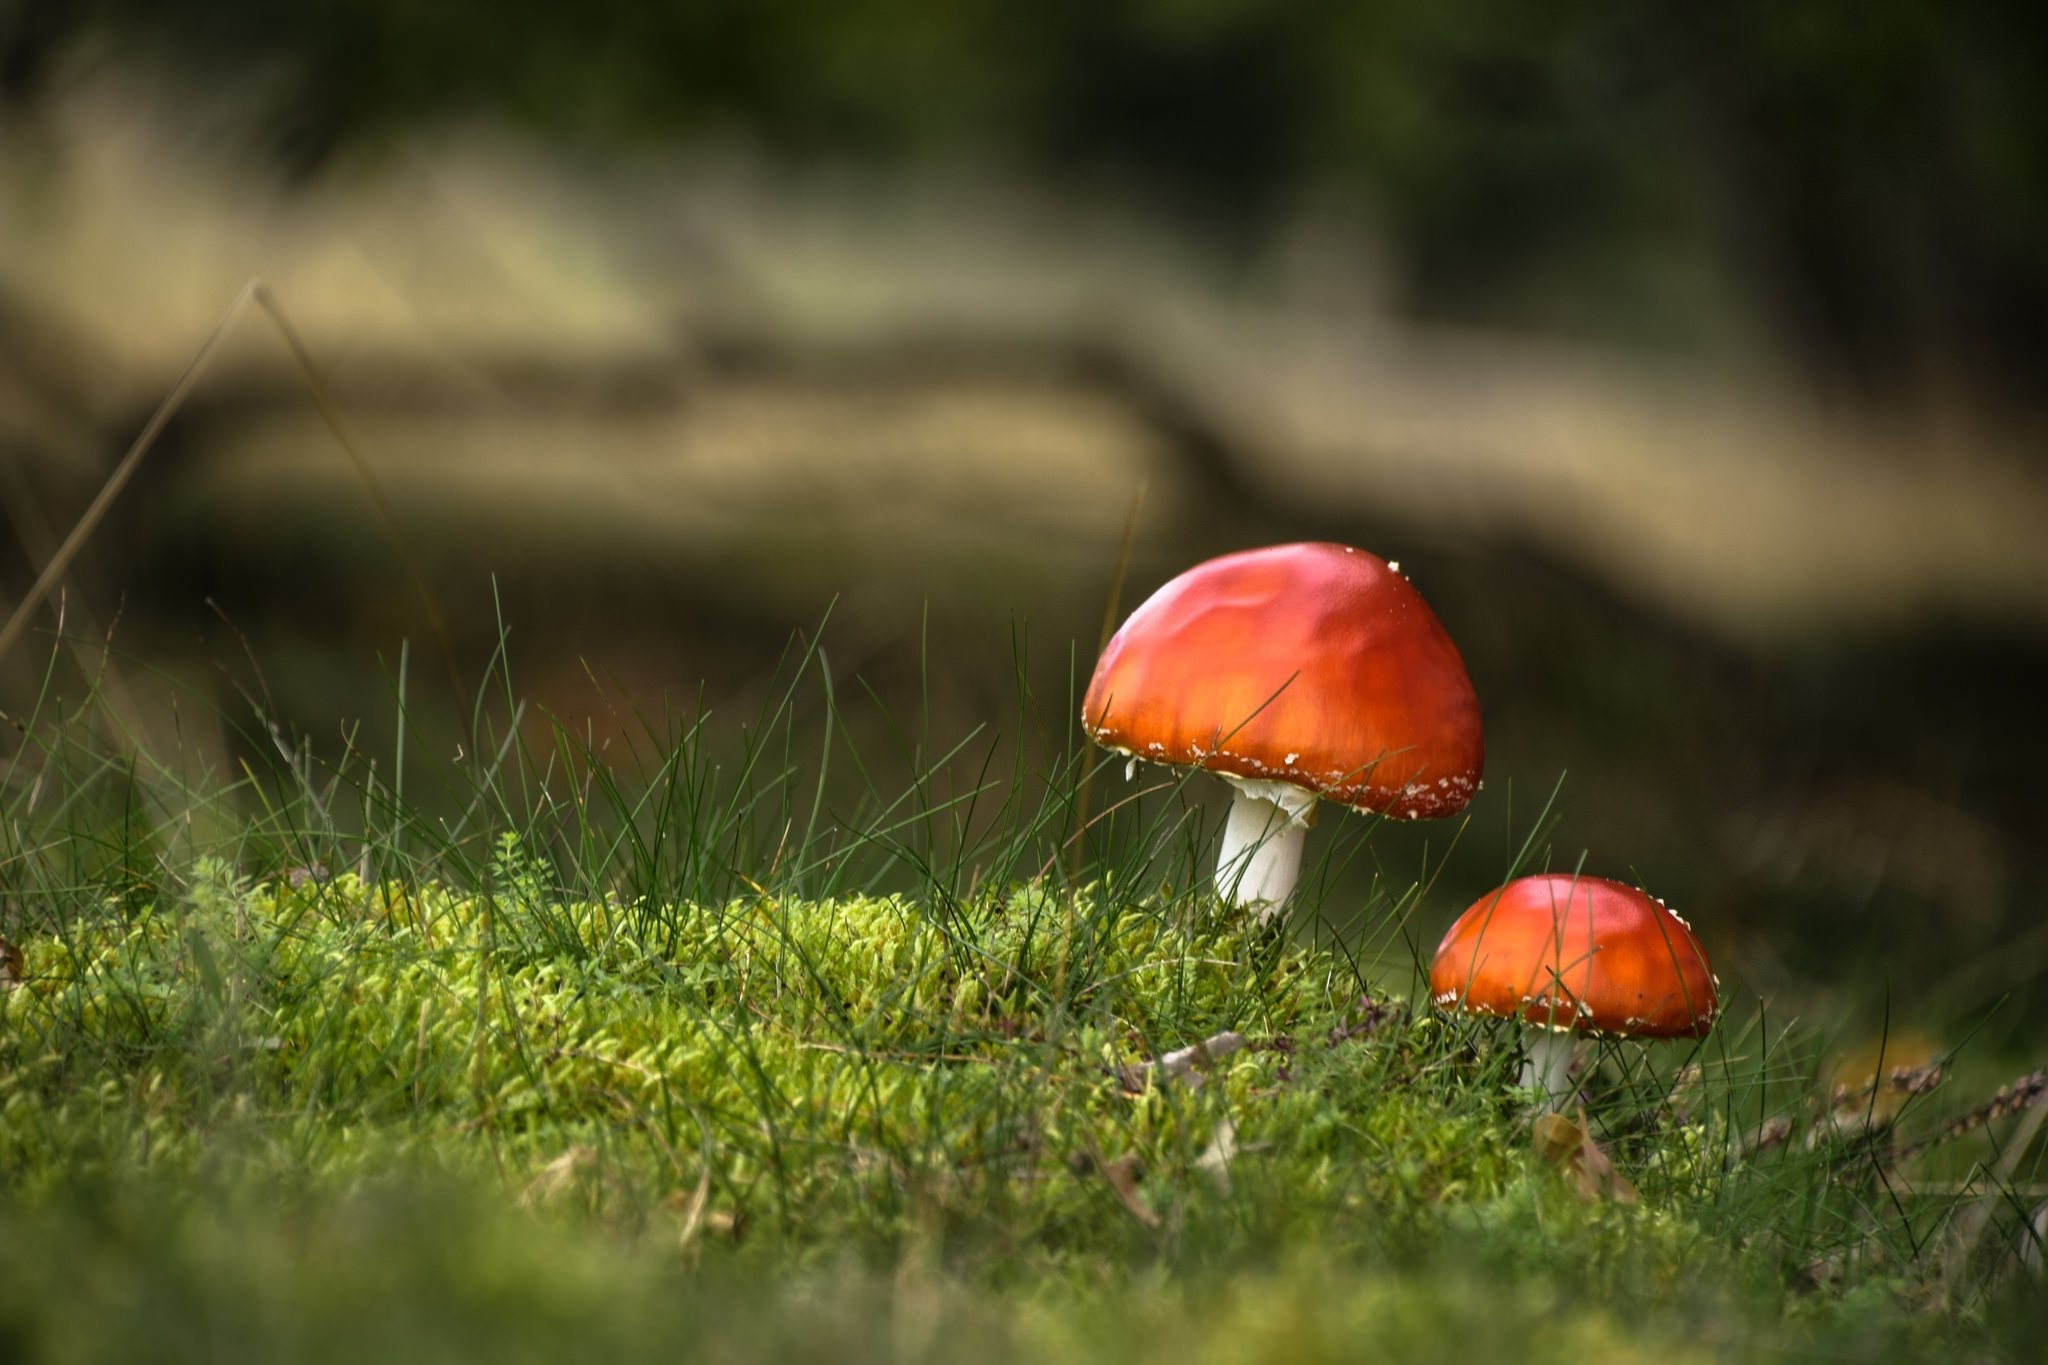 Українці масово гинуть від отруєння грибами: моторошна статистика